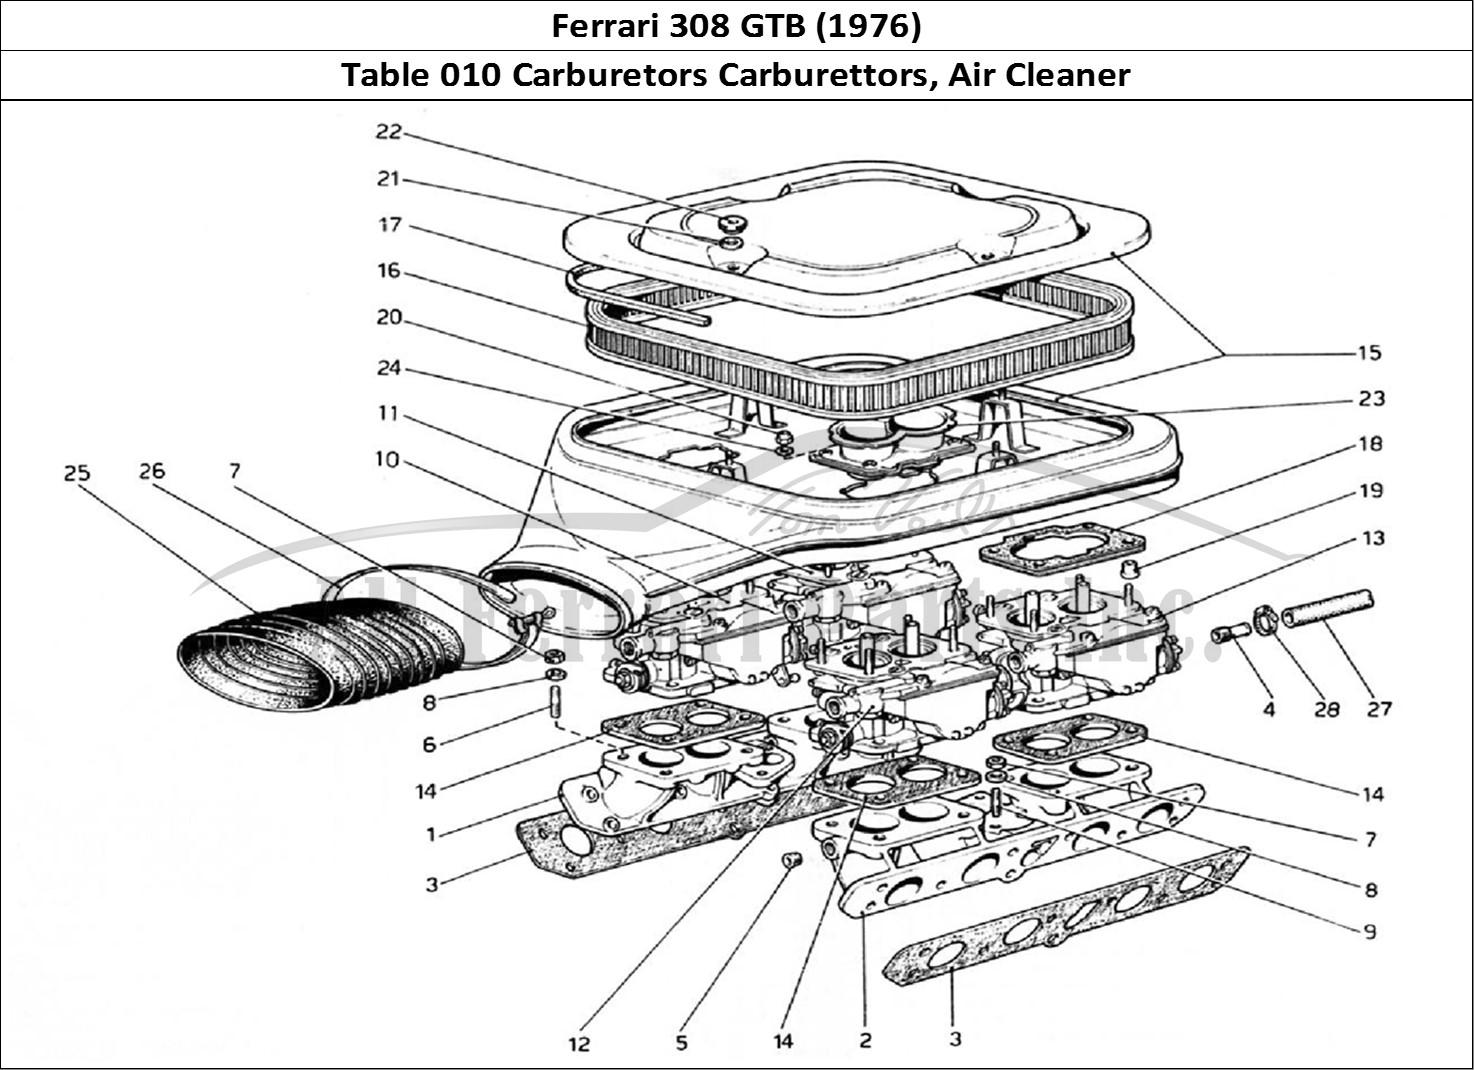 Buy original Ferrari 308 GTB (1976) 010 Carburetors